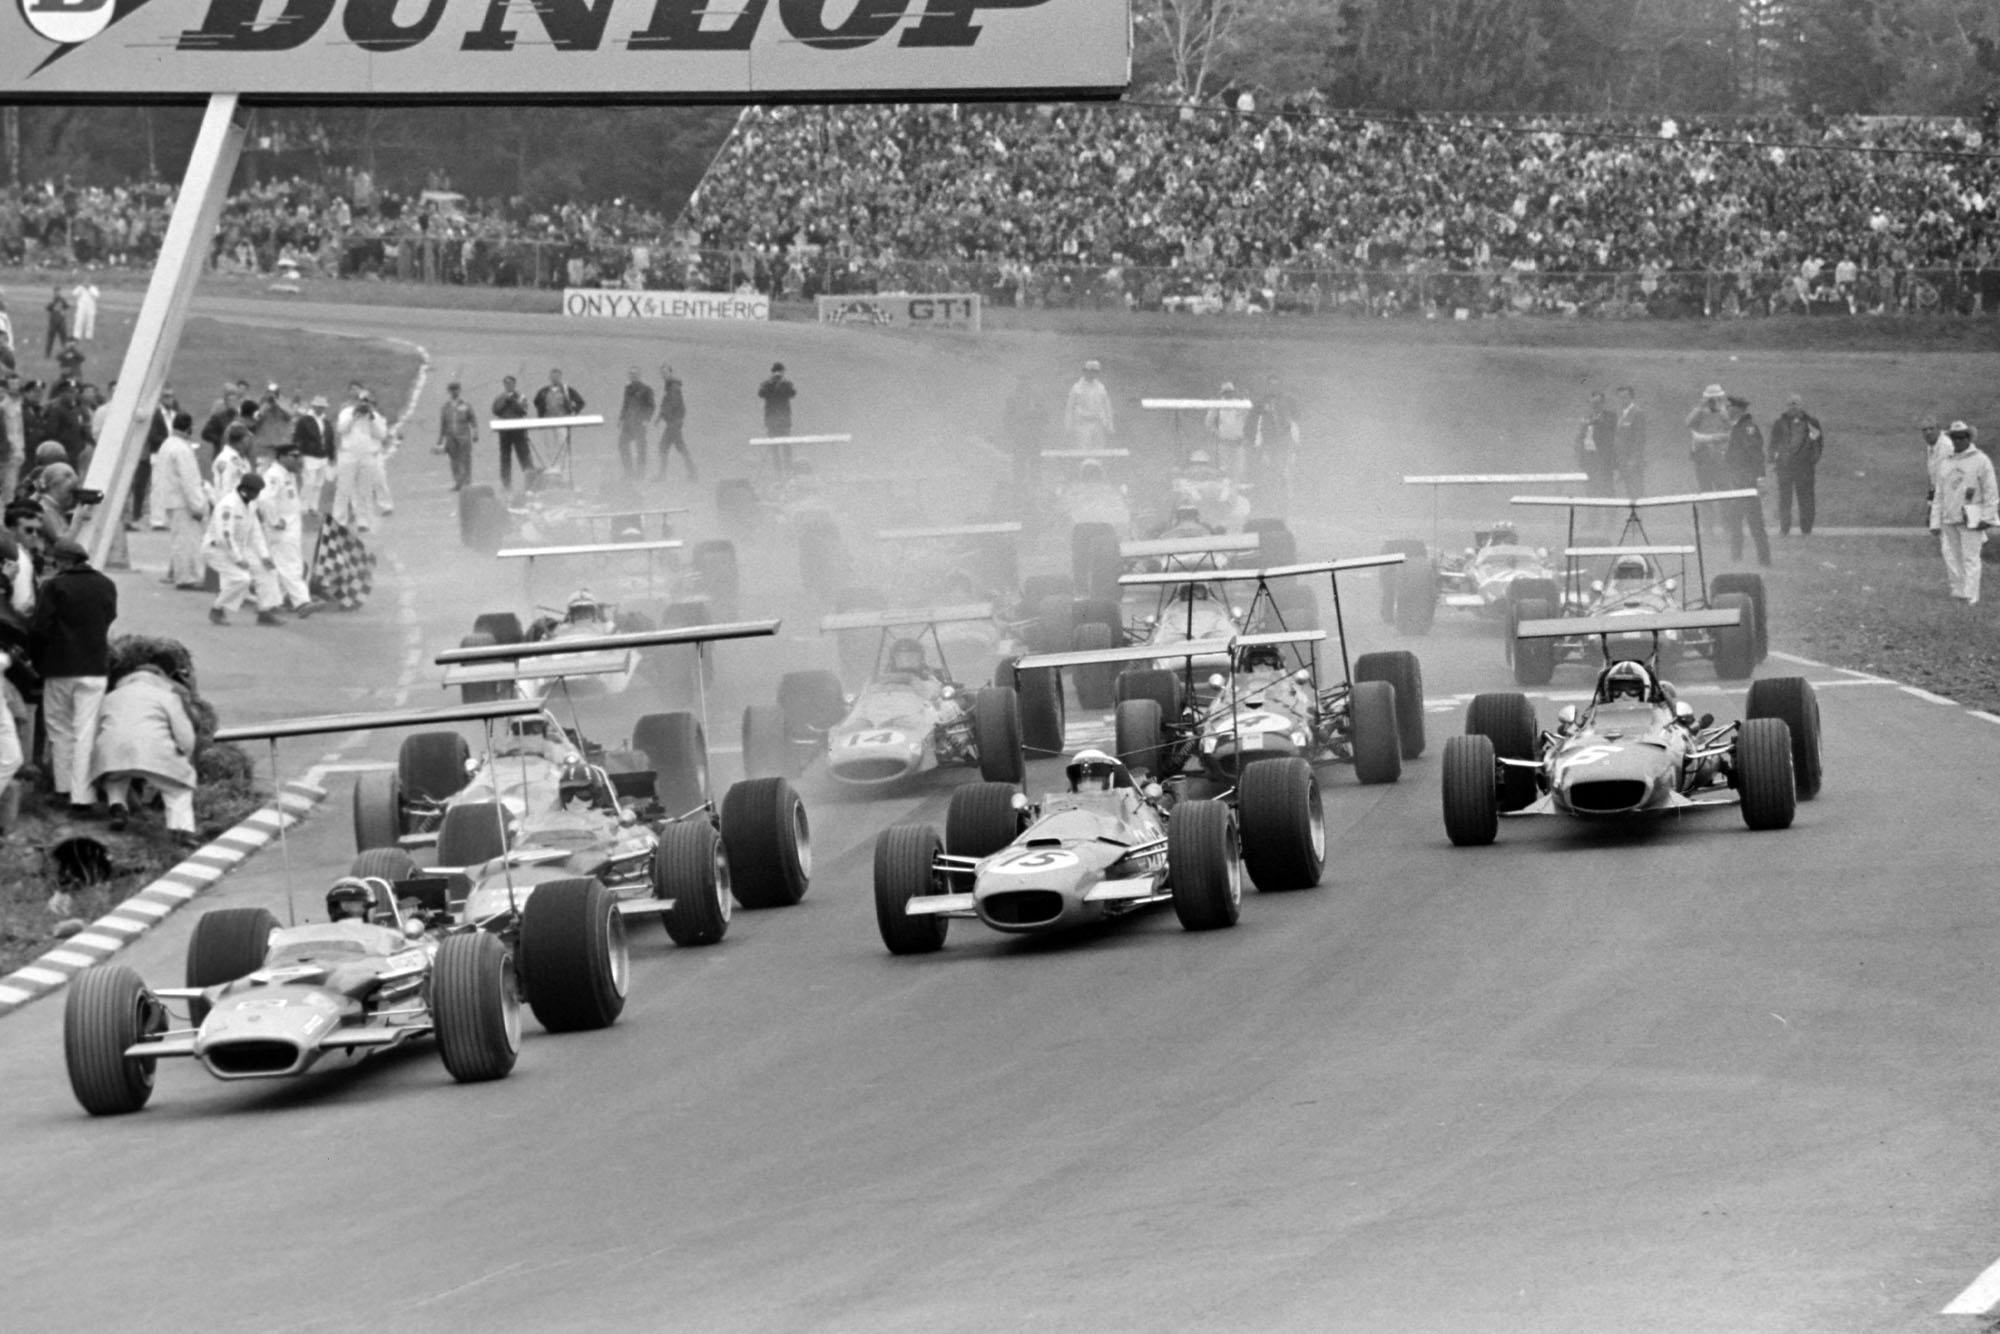 The 1968 United States Grand Prix starts.